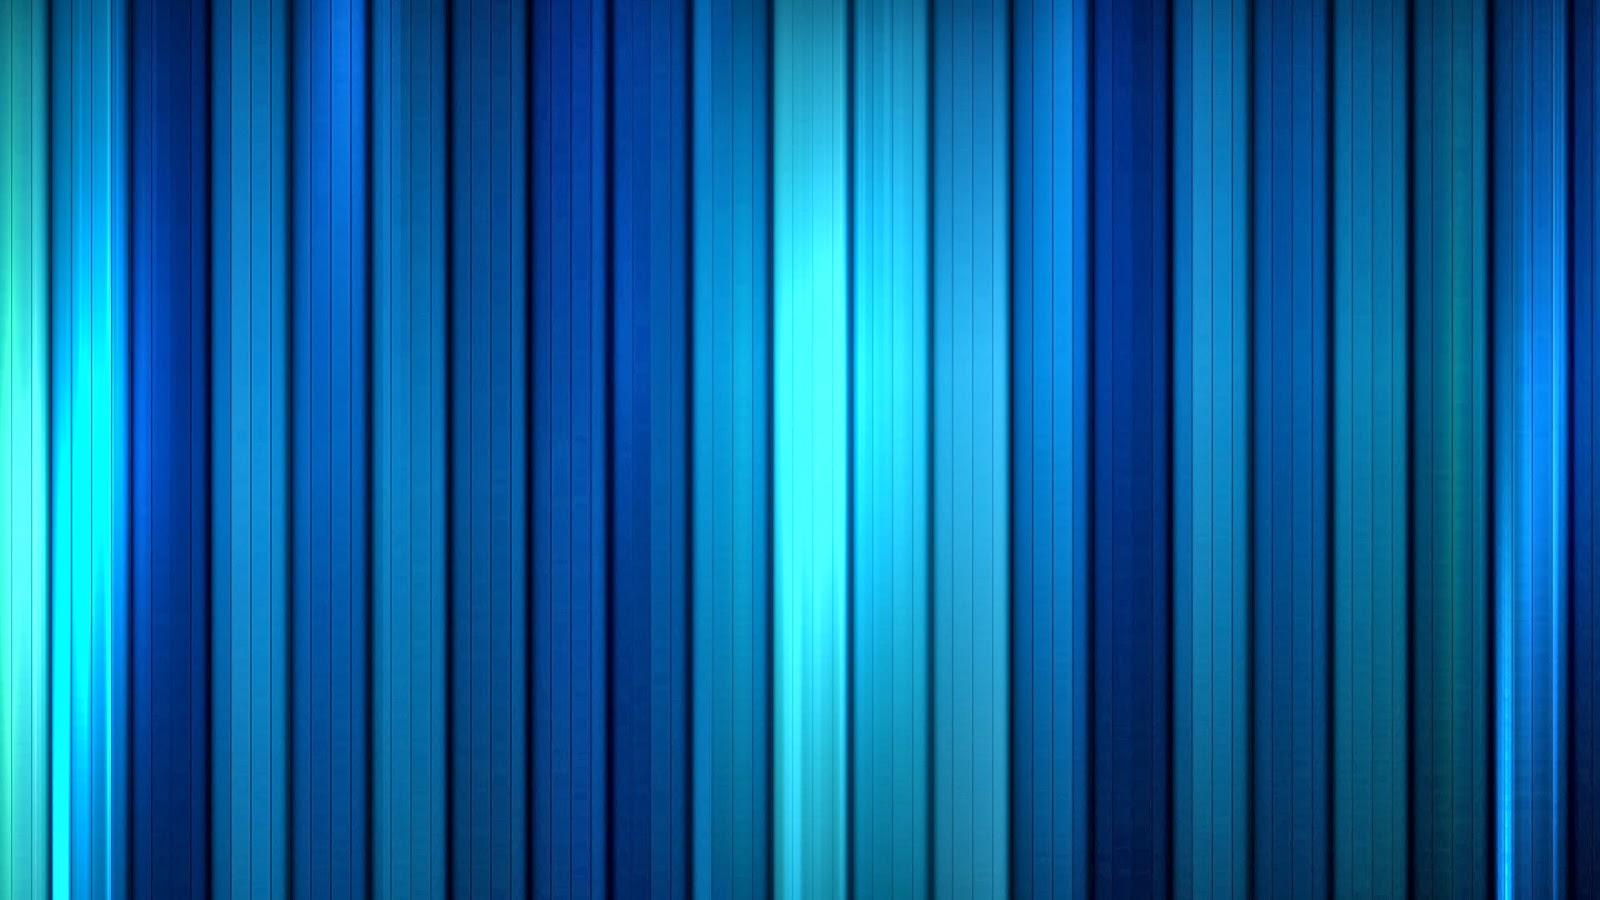 bricoles et girandoles le bleu. Black Bedroom Furniture Sets. Home Design Ideas